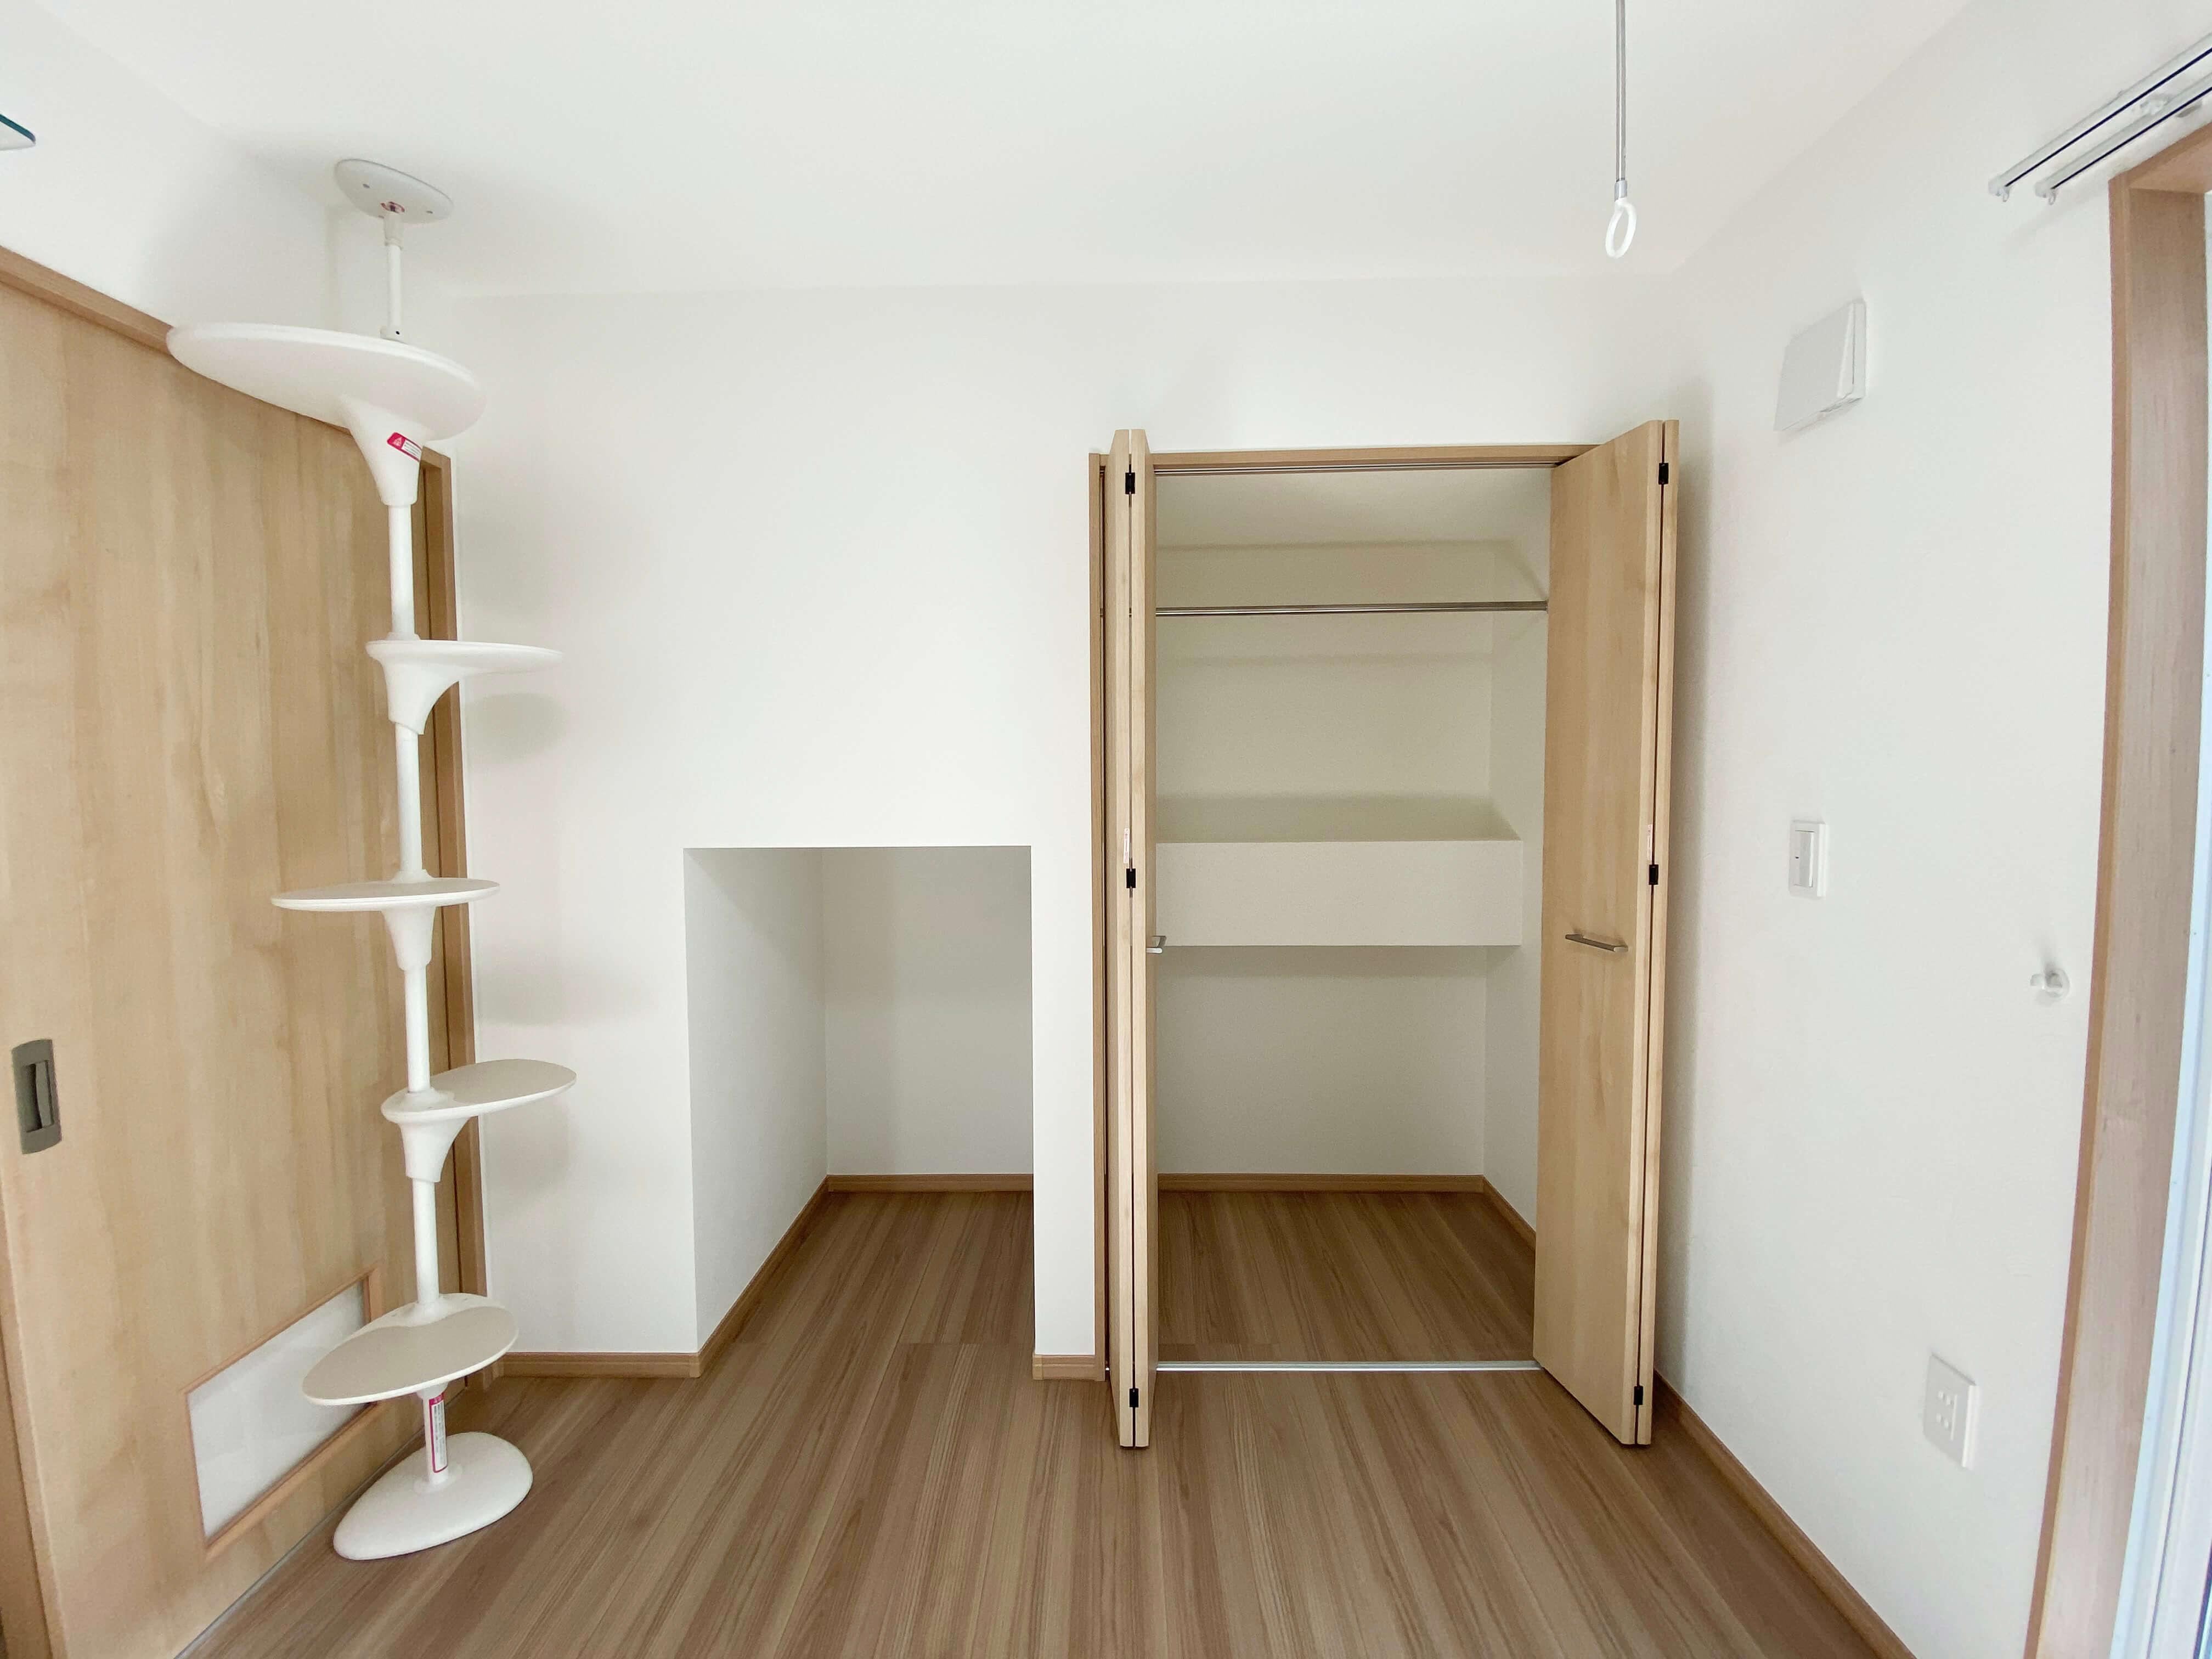 こちらは102号室!クローゼット横のこのスペースは・・・?